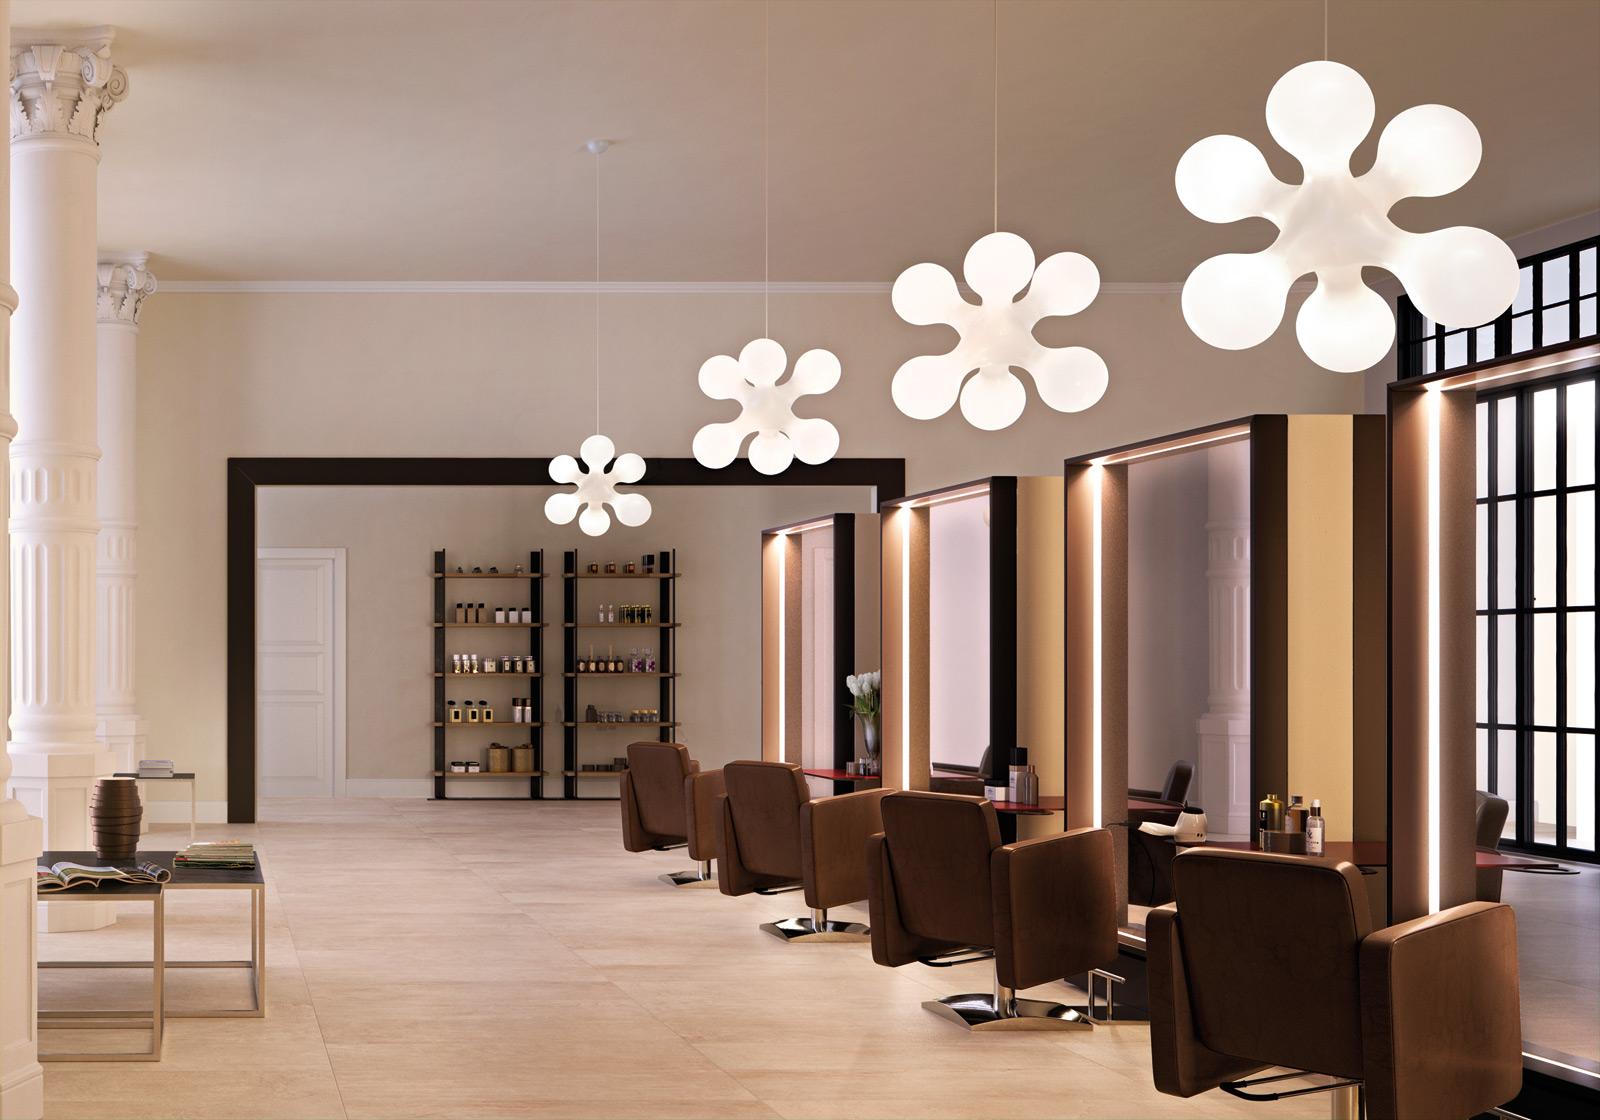 interieur-futuriste-design-03